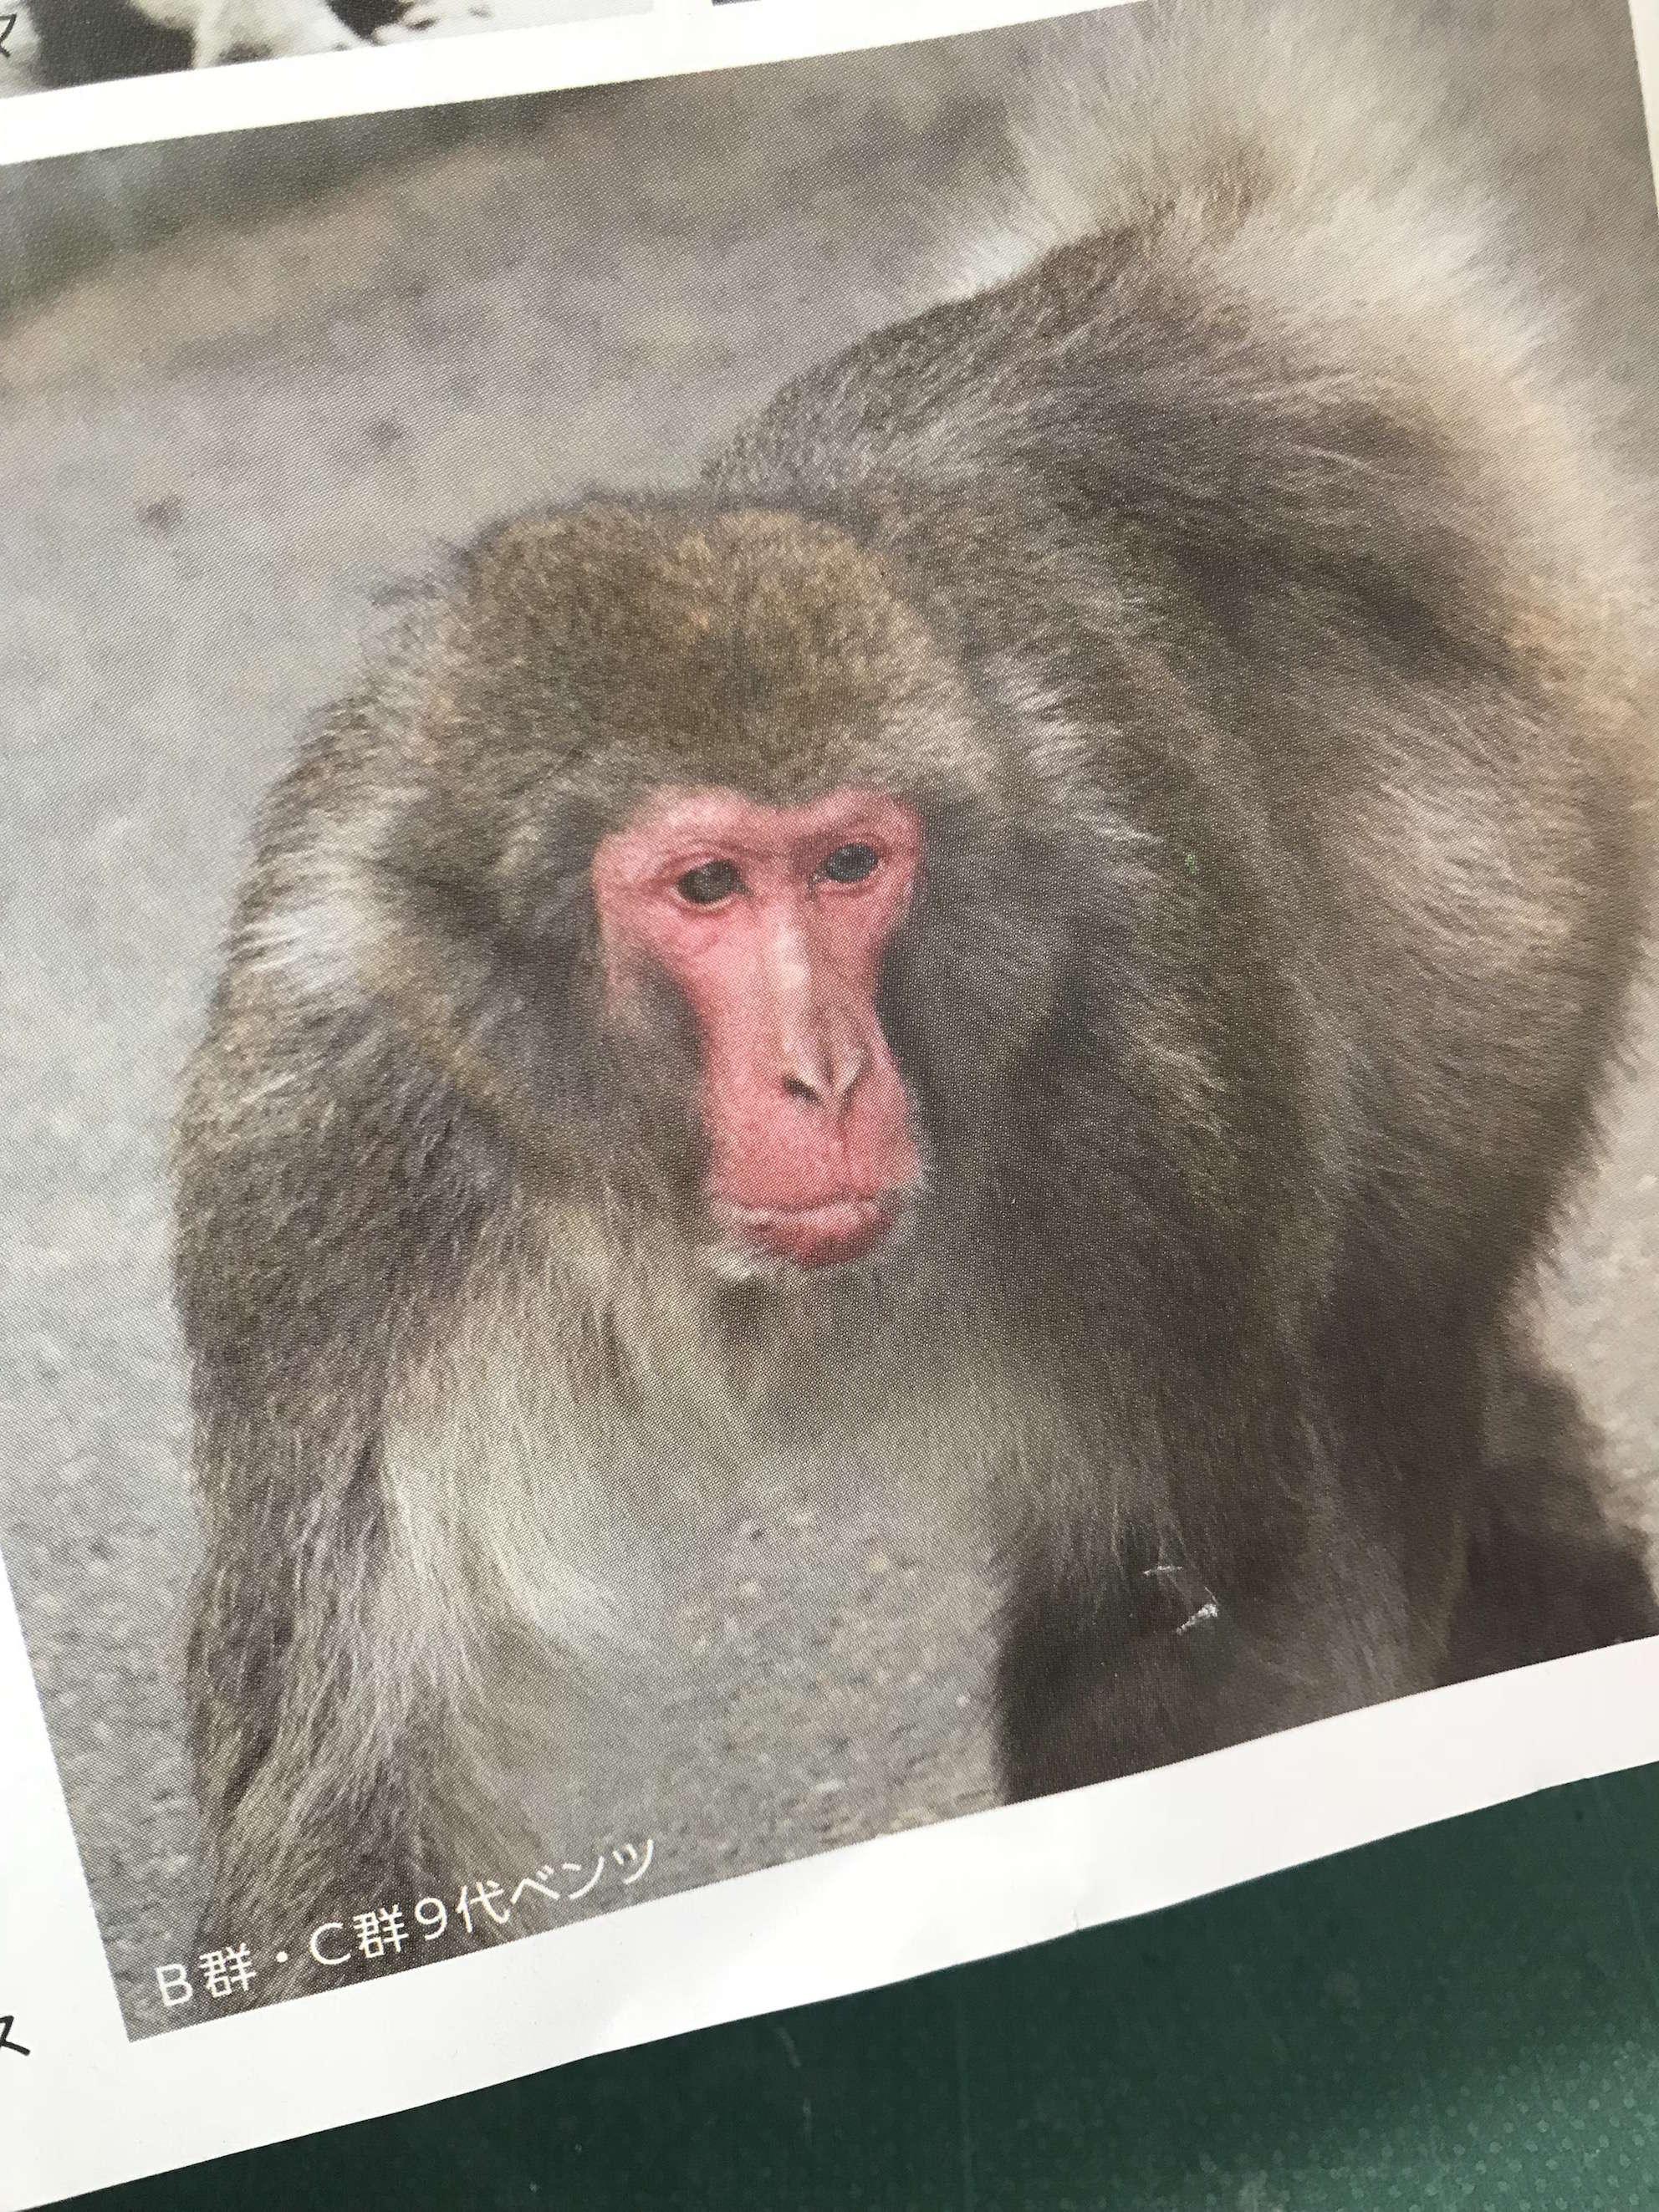 image どうした? 高崎山の猿たち